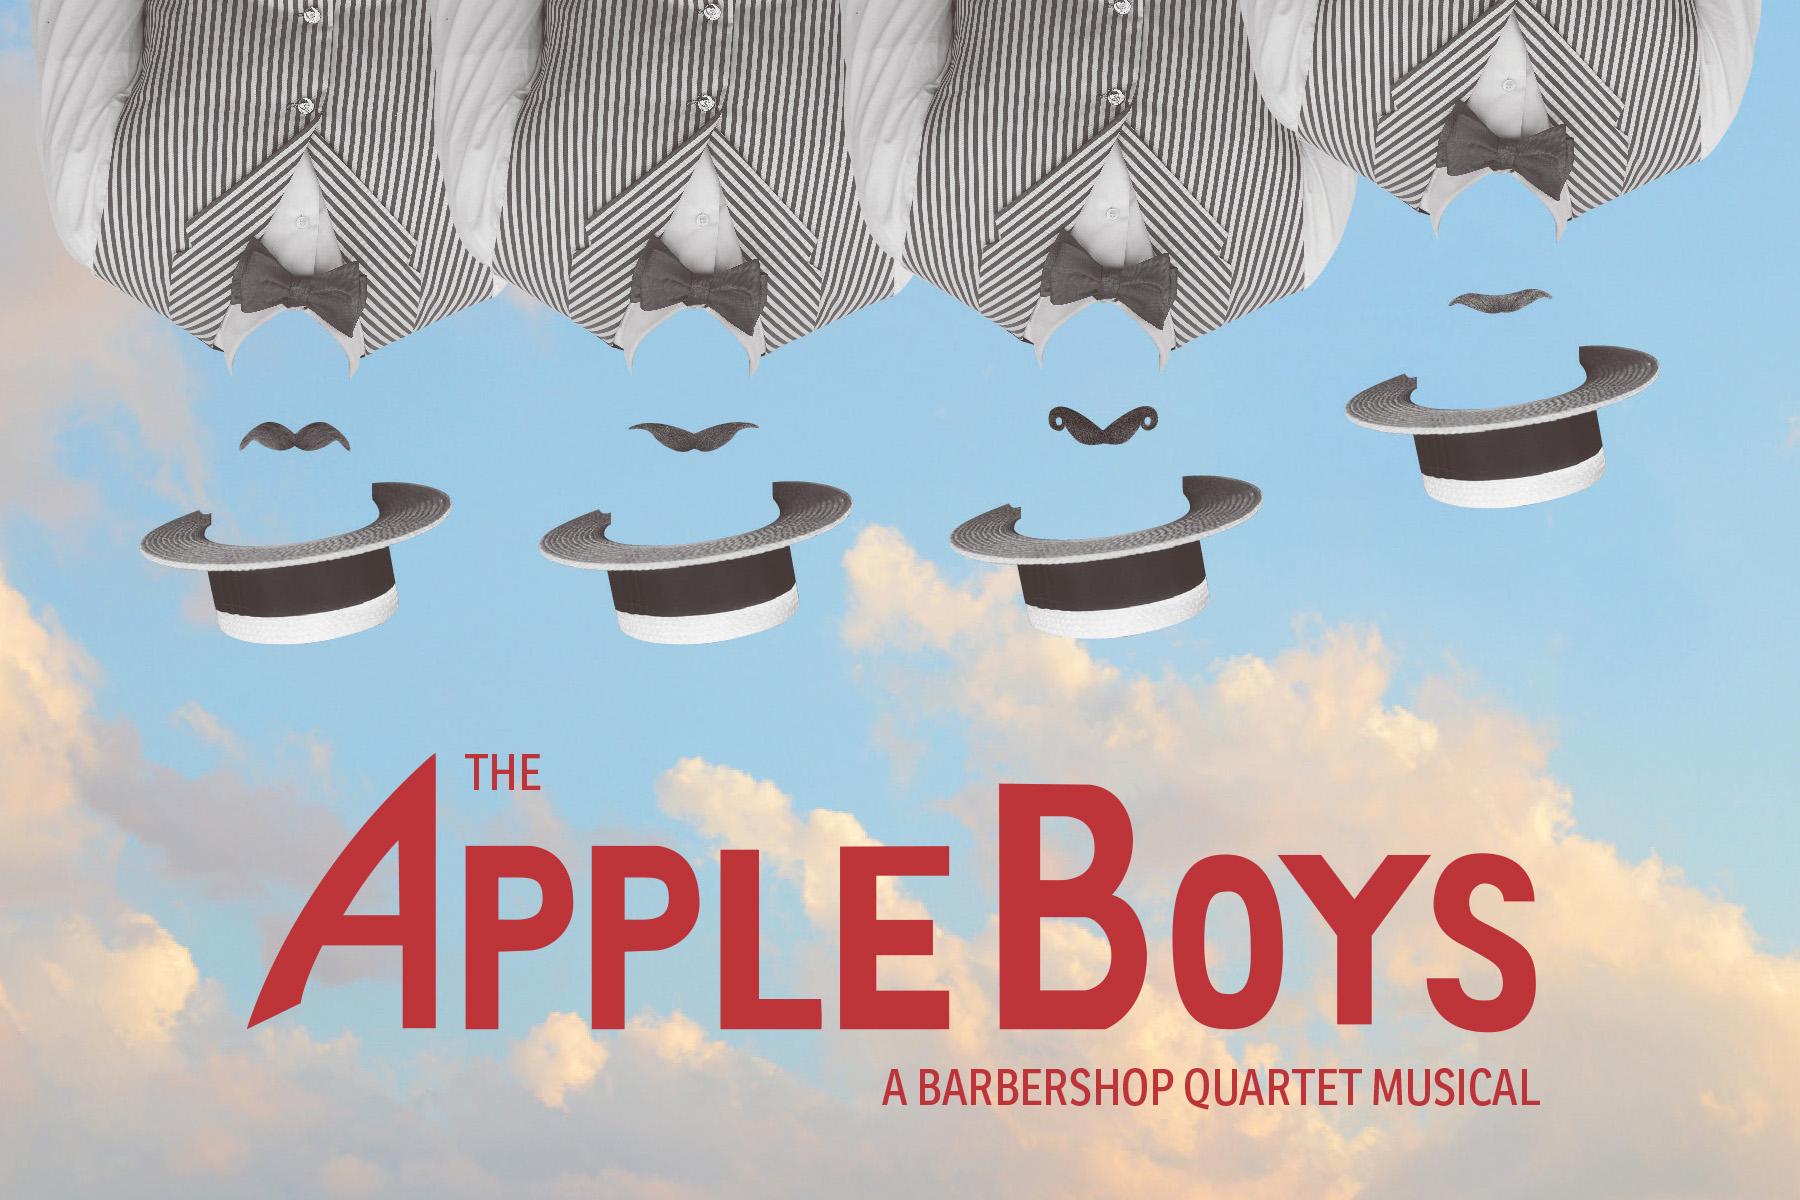 The Apple Boys